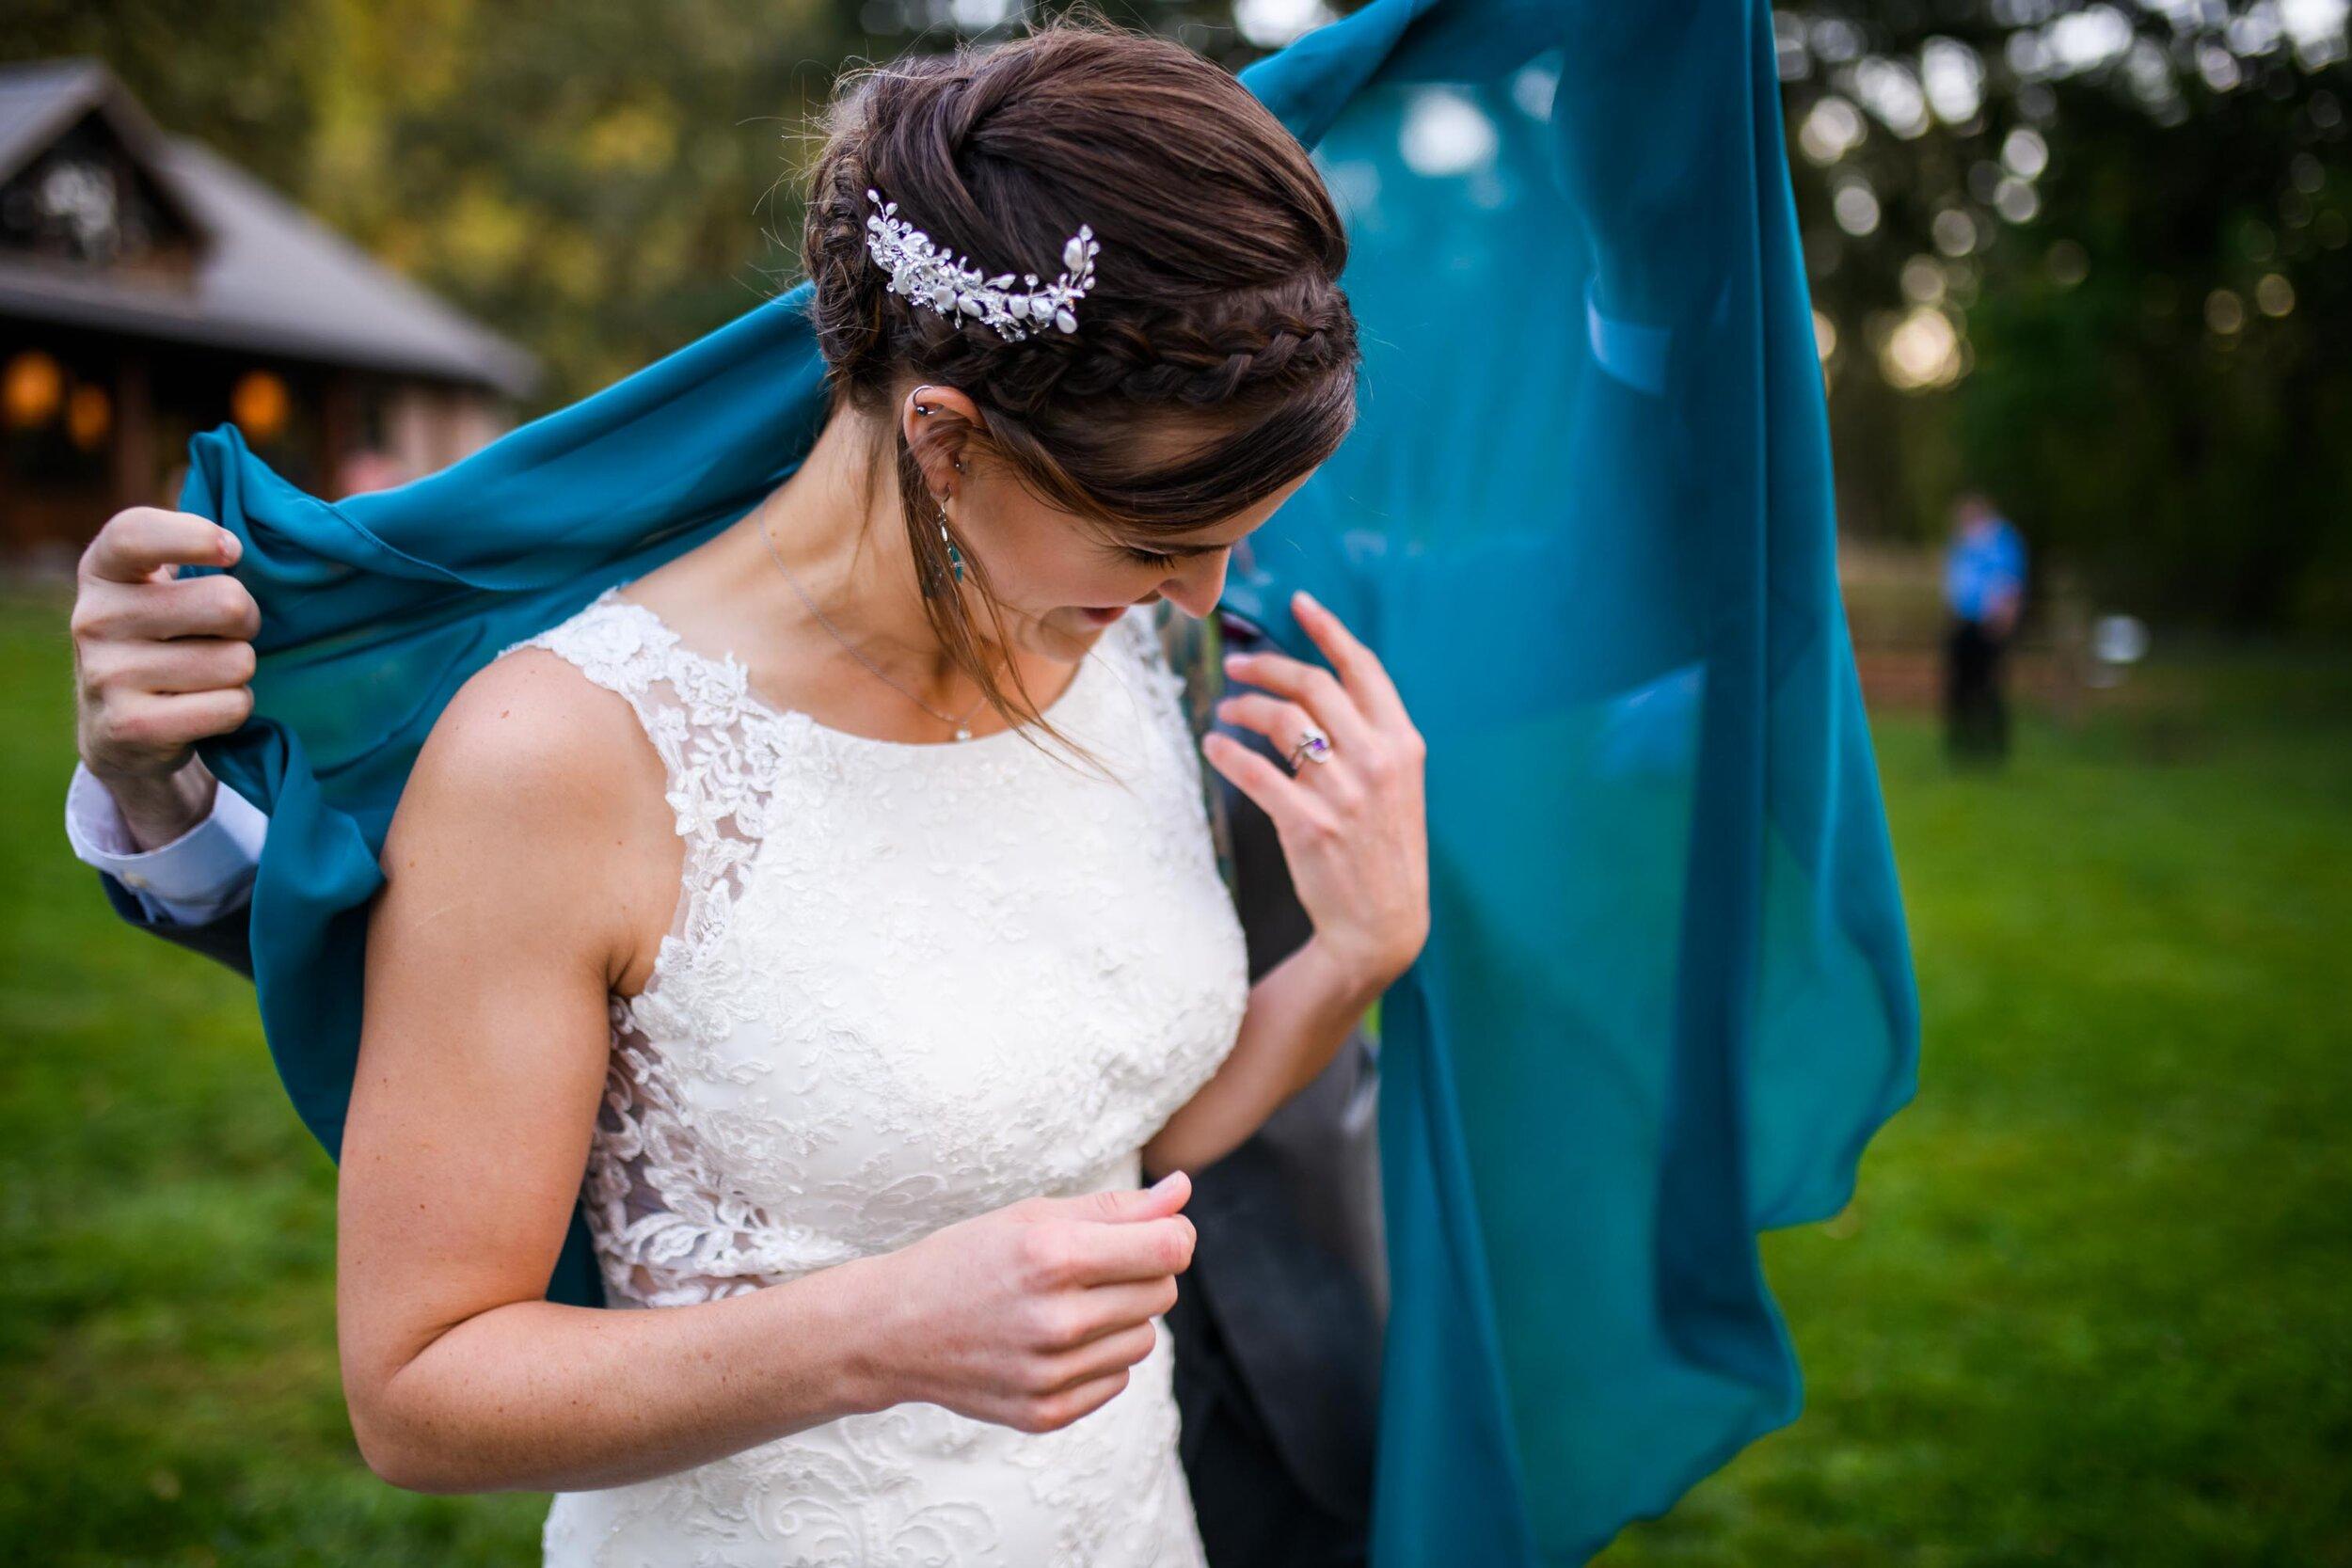 Mt. Pisgah Arboretum wedding photos 105.JPG